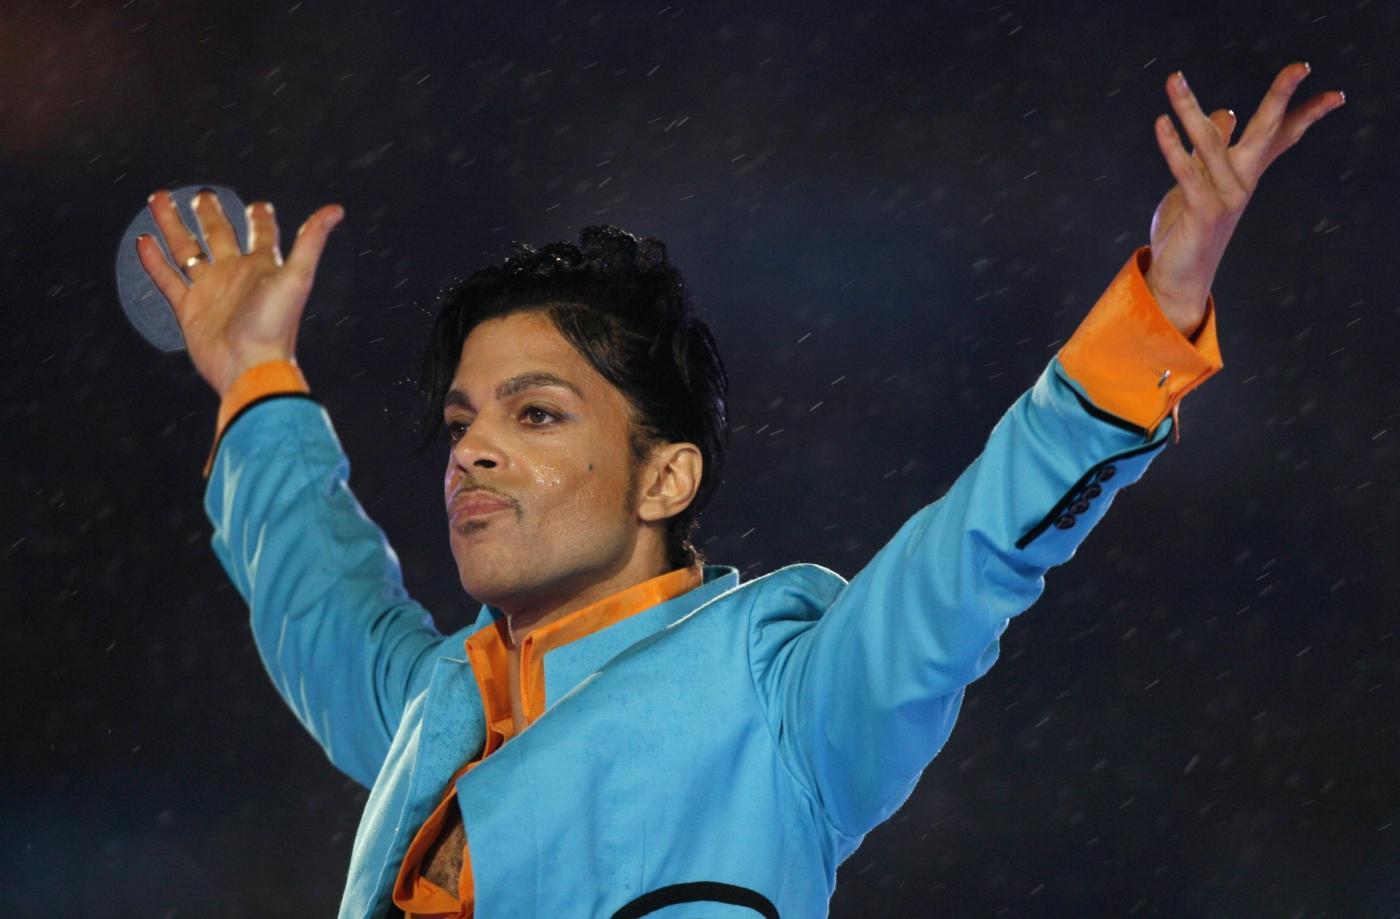 Prince: il testamento non c'è, la sorella chiede di poter amministrare i suoi beni